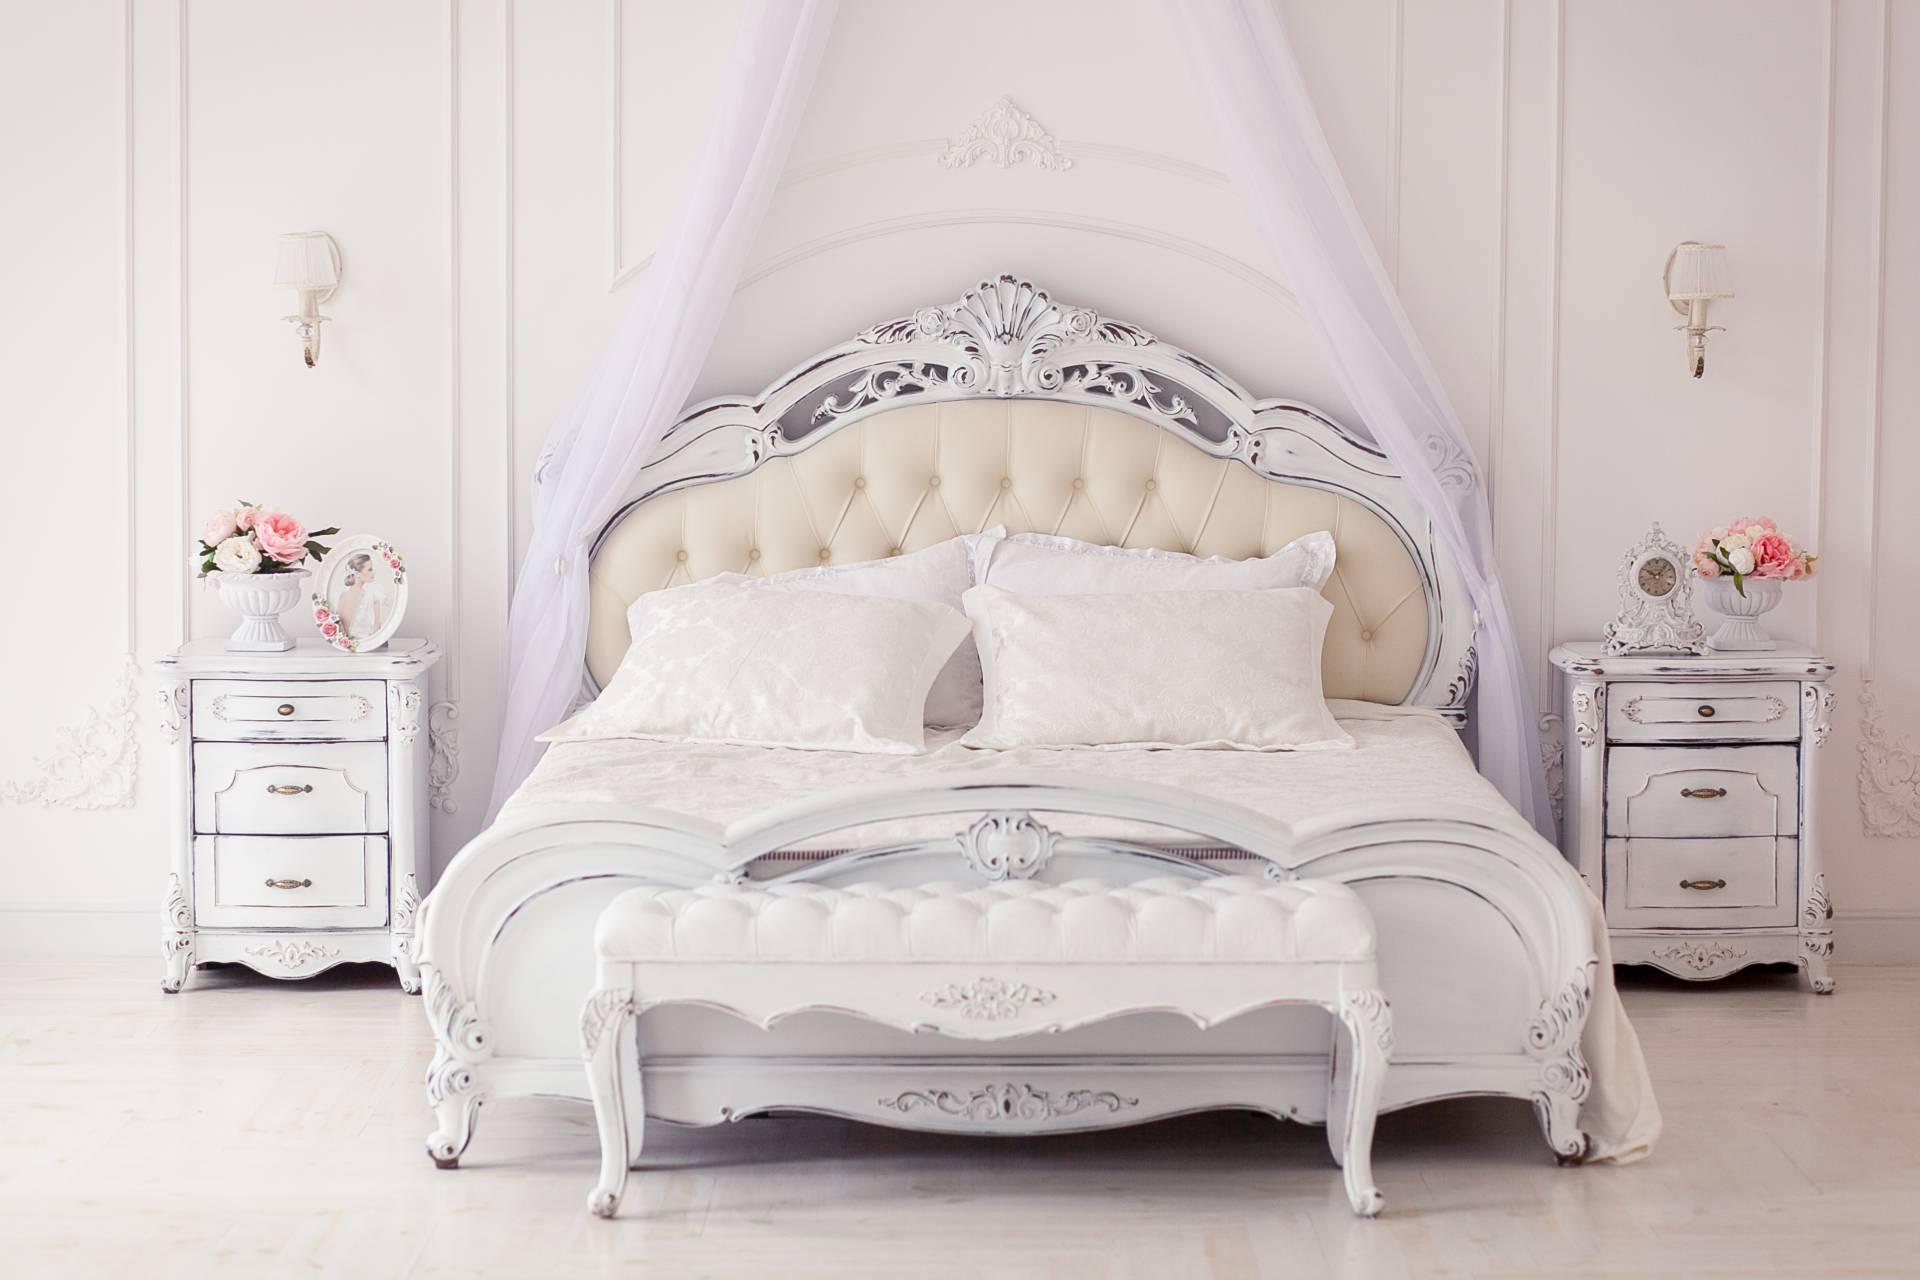 תמונה של חדר שינה עם רהיטים מעוצבים מעץ מלא